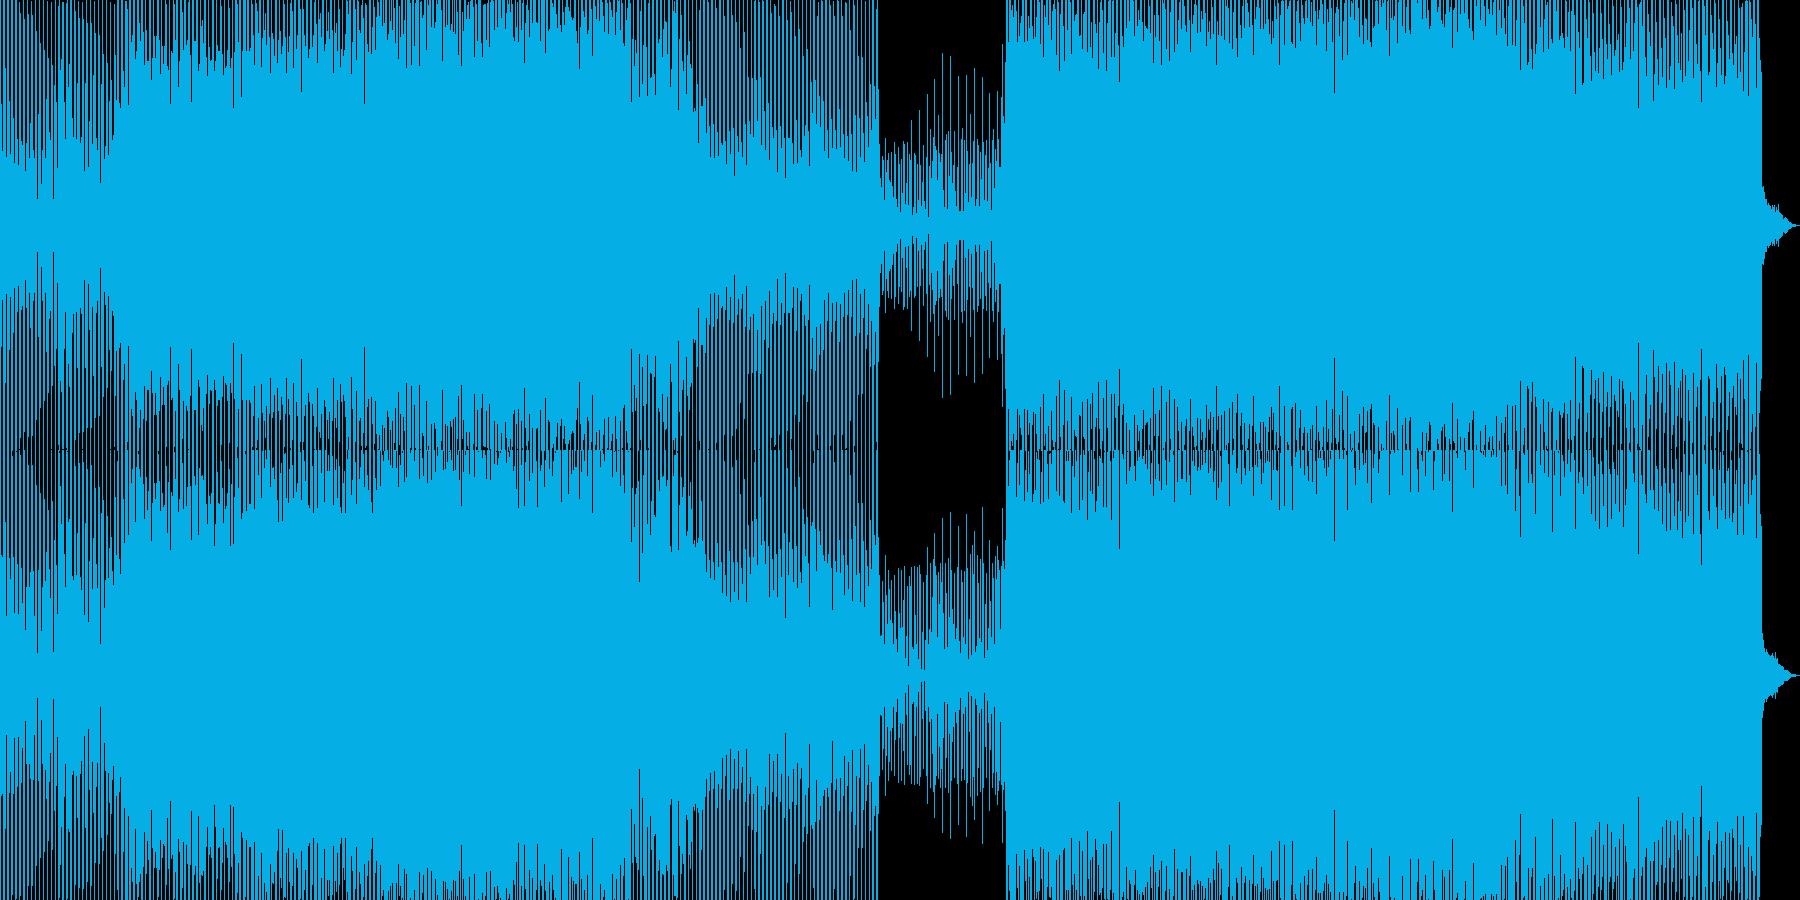 機械的でファンキーなハイテクミュージックの再生済みの波形